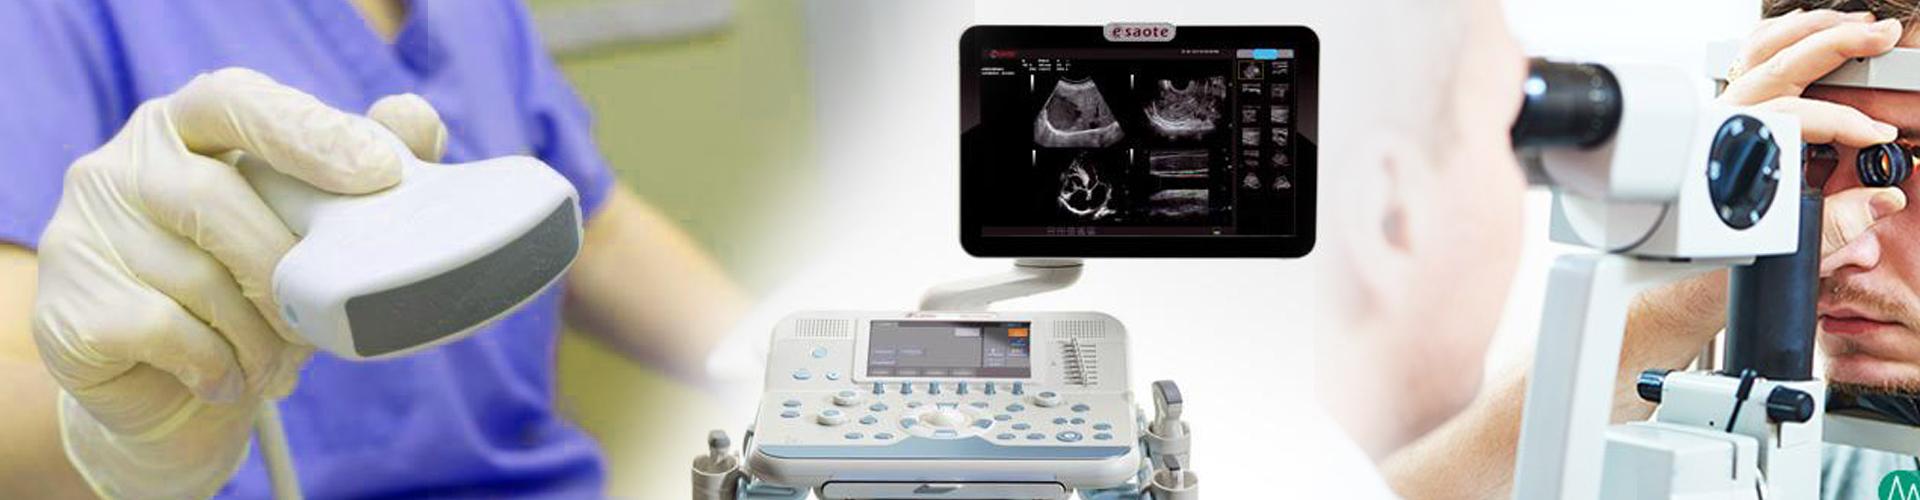 diagnostica HTC Centro Medico Stradella PV